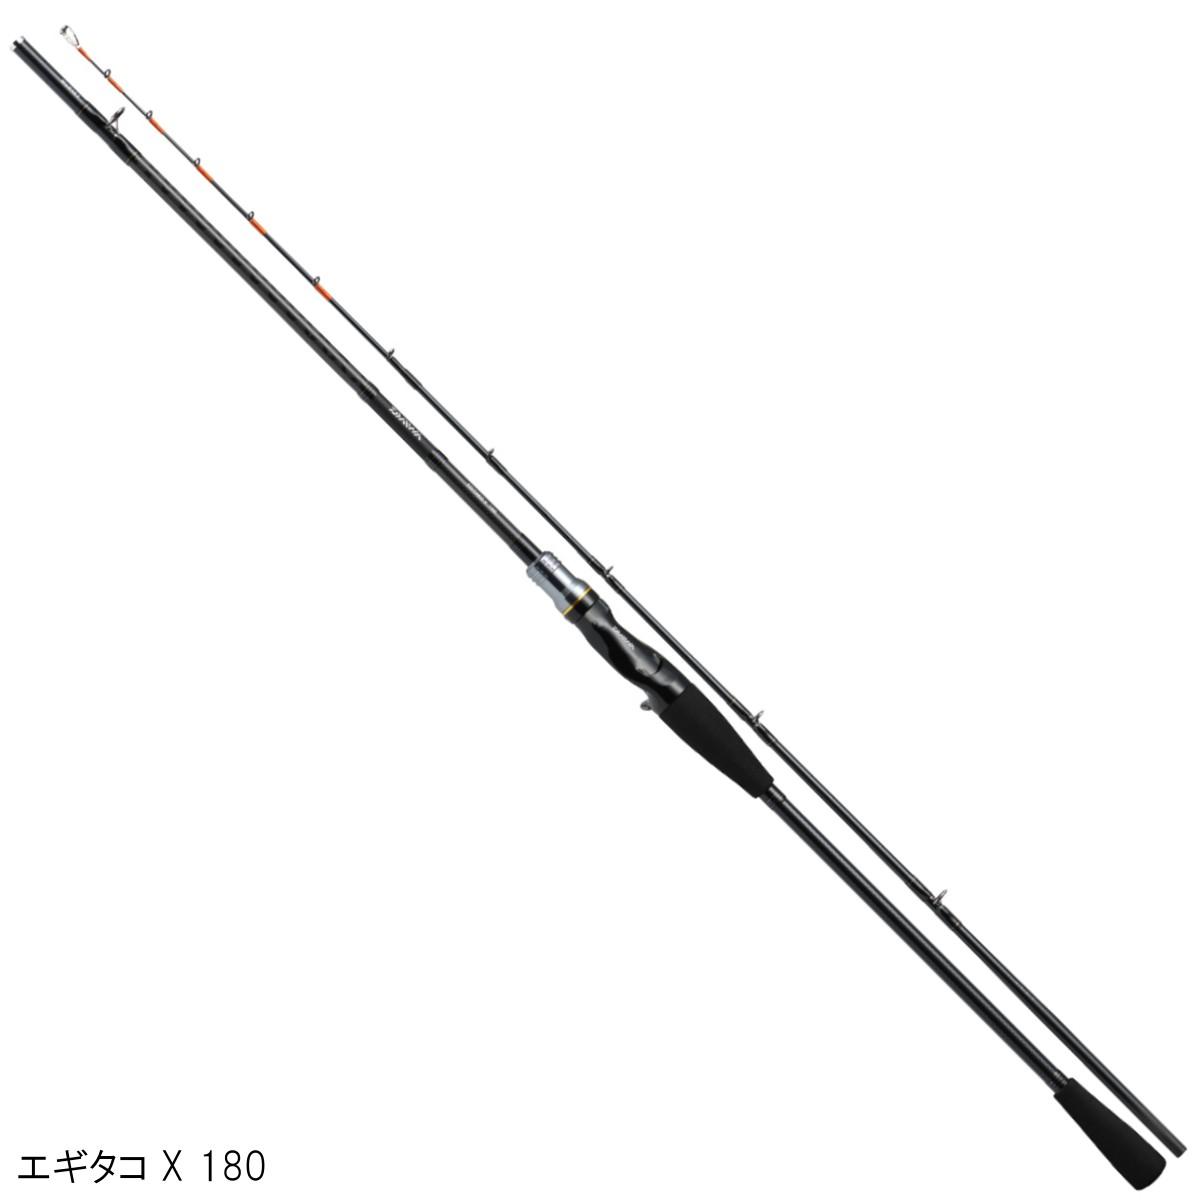 ダイワ エギタコ X 180